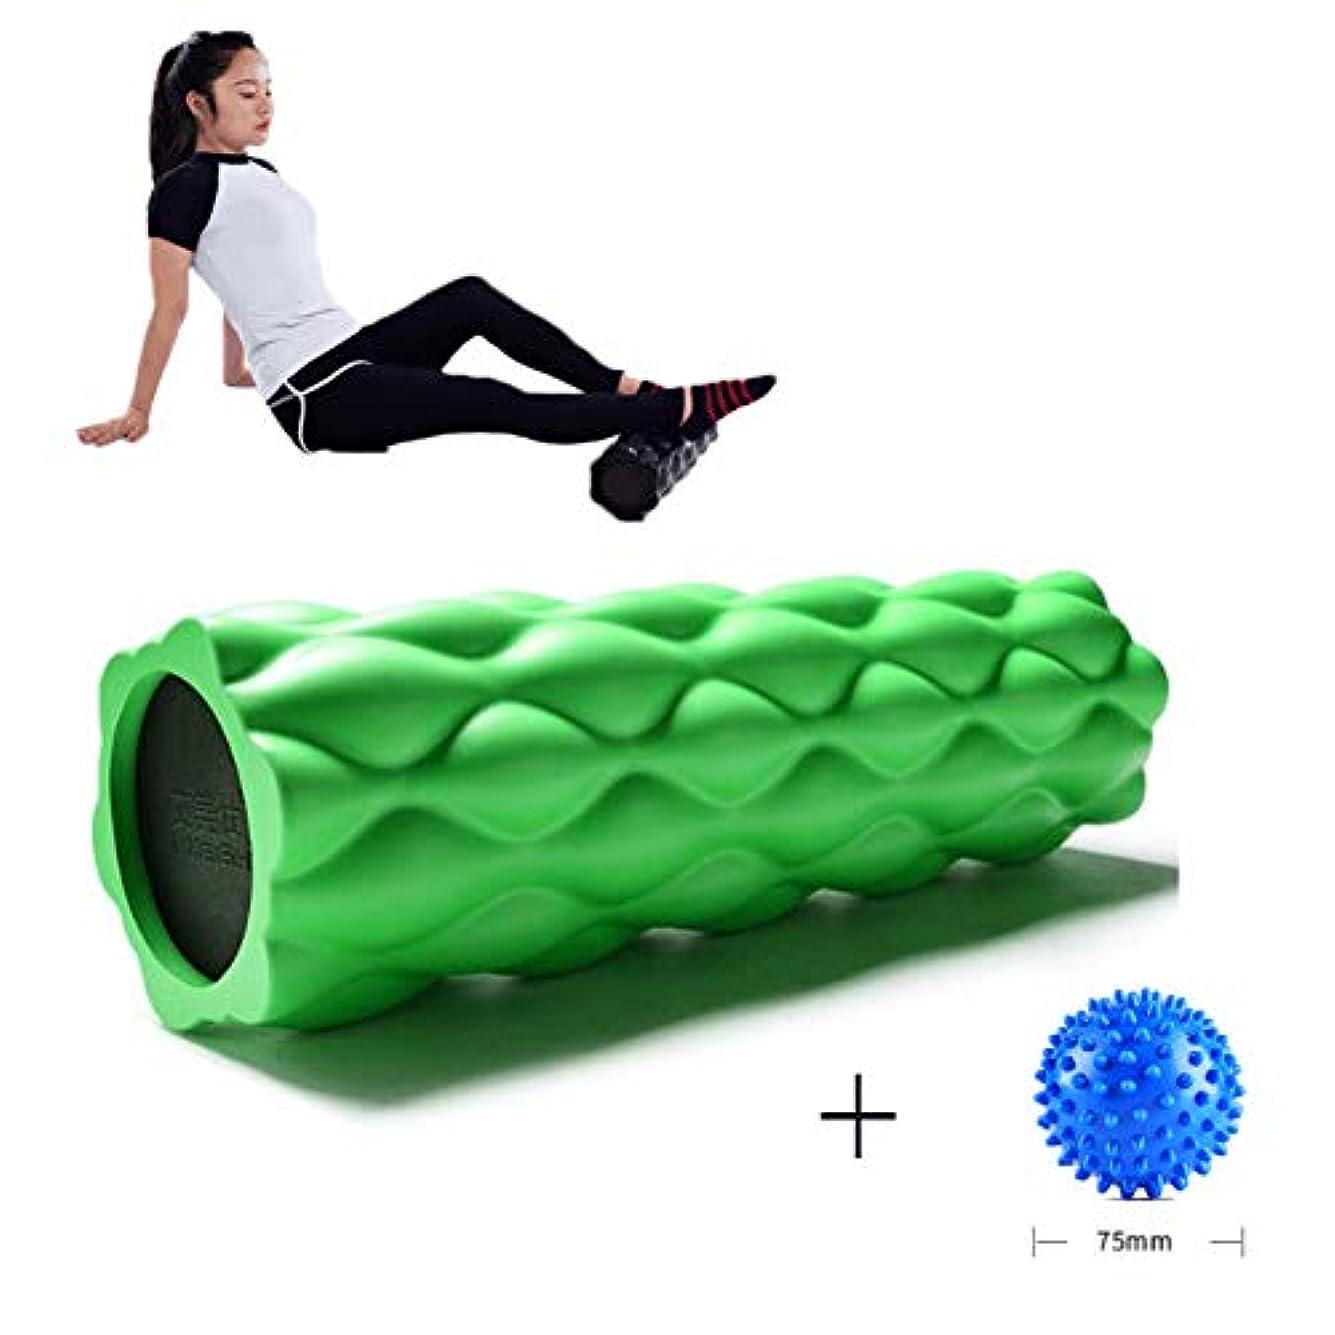 不健全自宅でマニュアルフォームローラー 深部組織筋肉マッサージトリガーポイント解放(44.5 x 13.5 cm)のための高密度耐圧脊髄チャンネル,Green